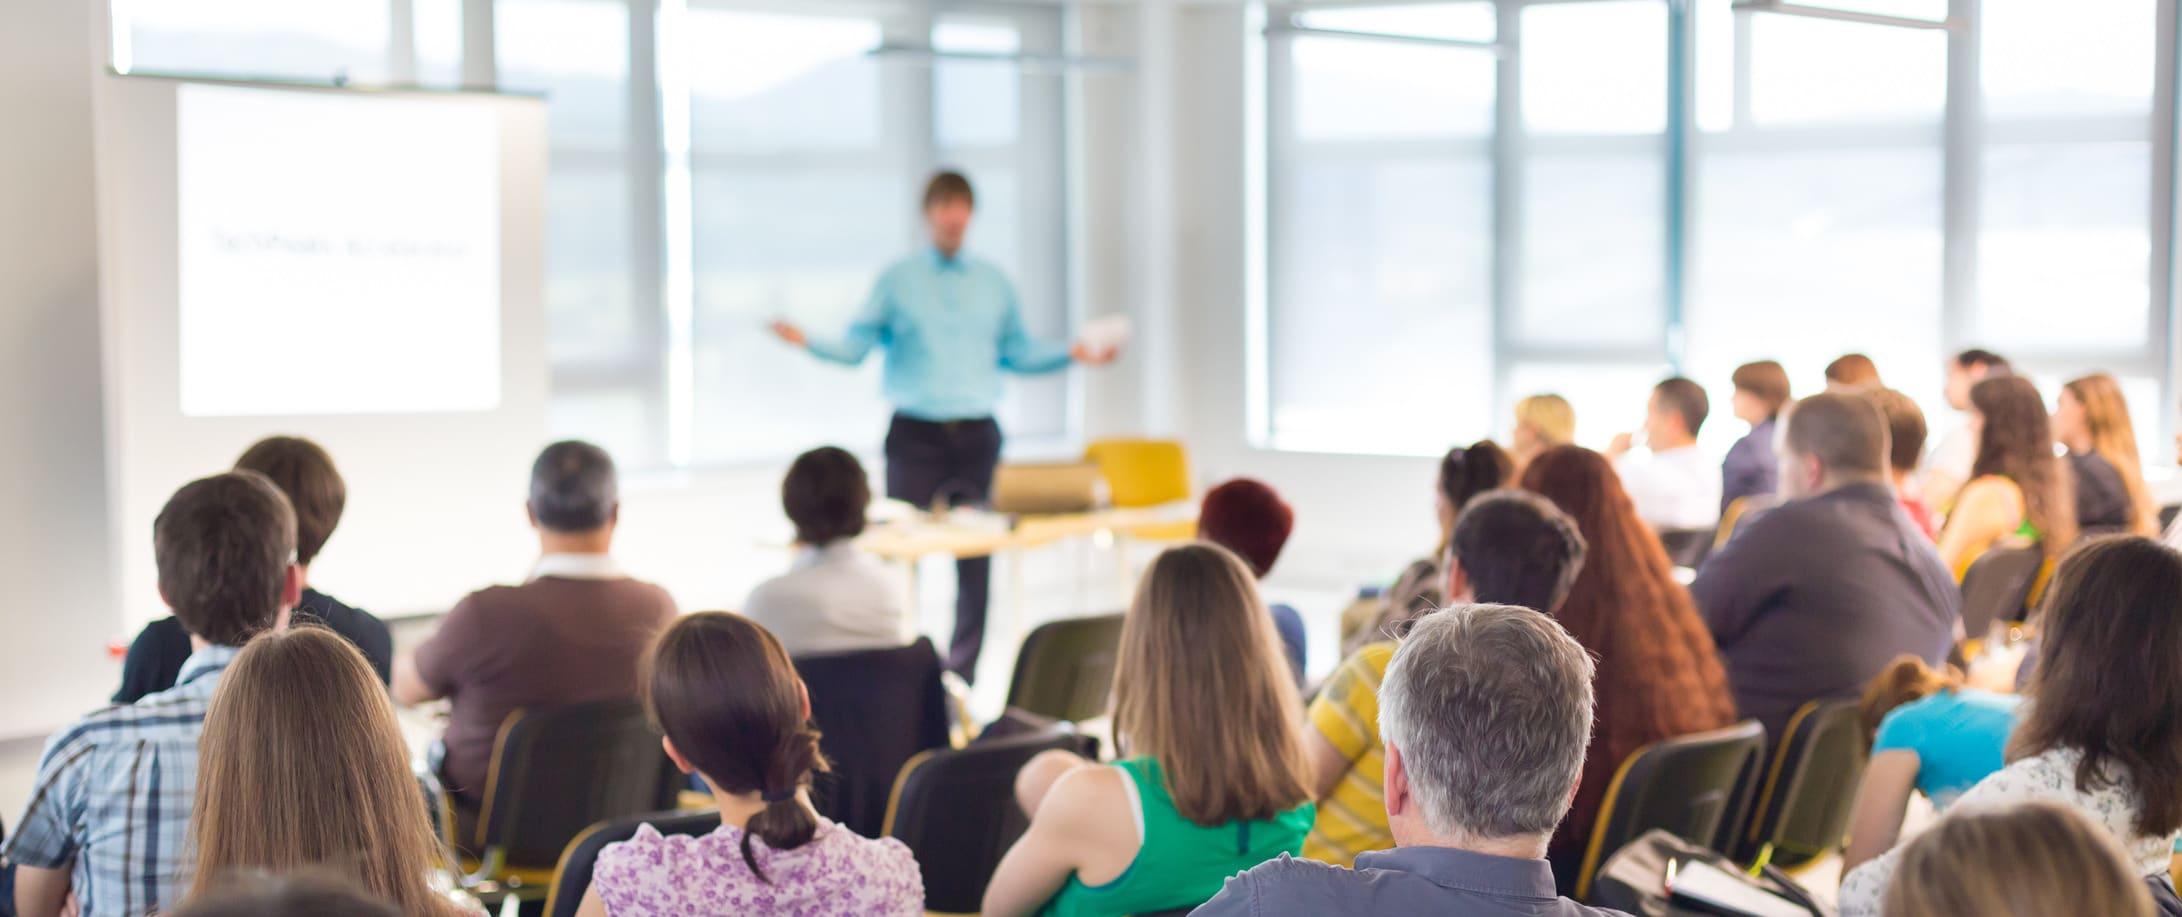 melhore-sua-oratoria-faca-um-curso-de-como-falar-em-publico.jpg